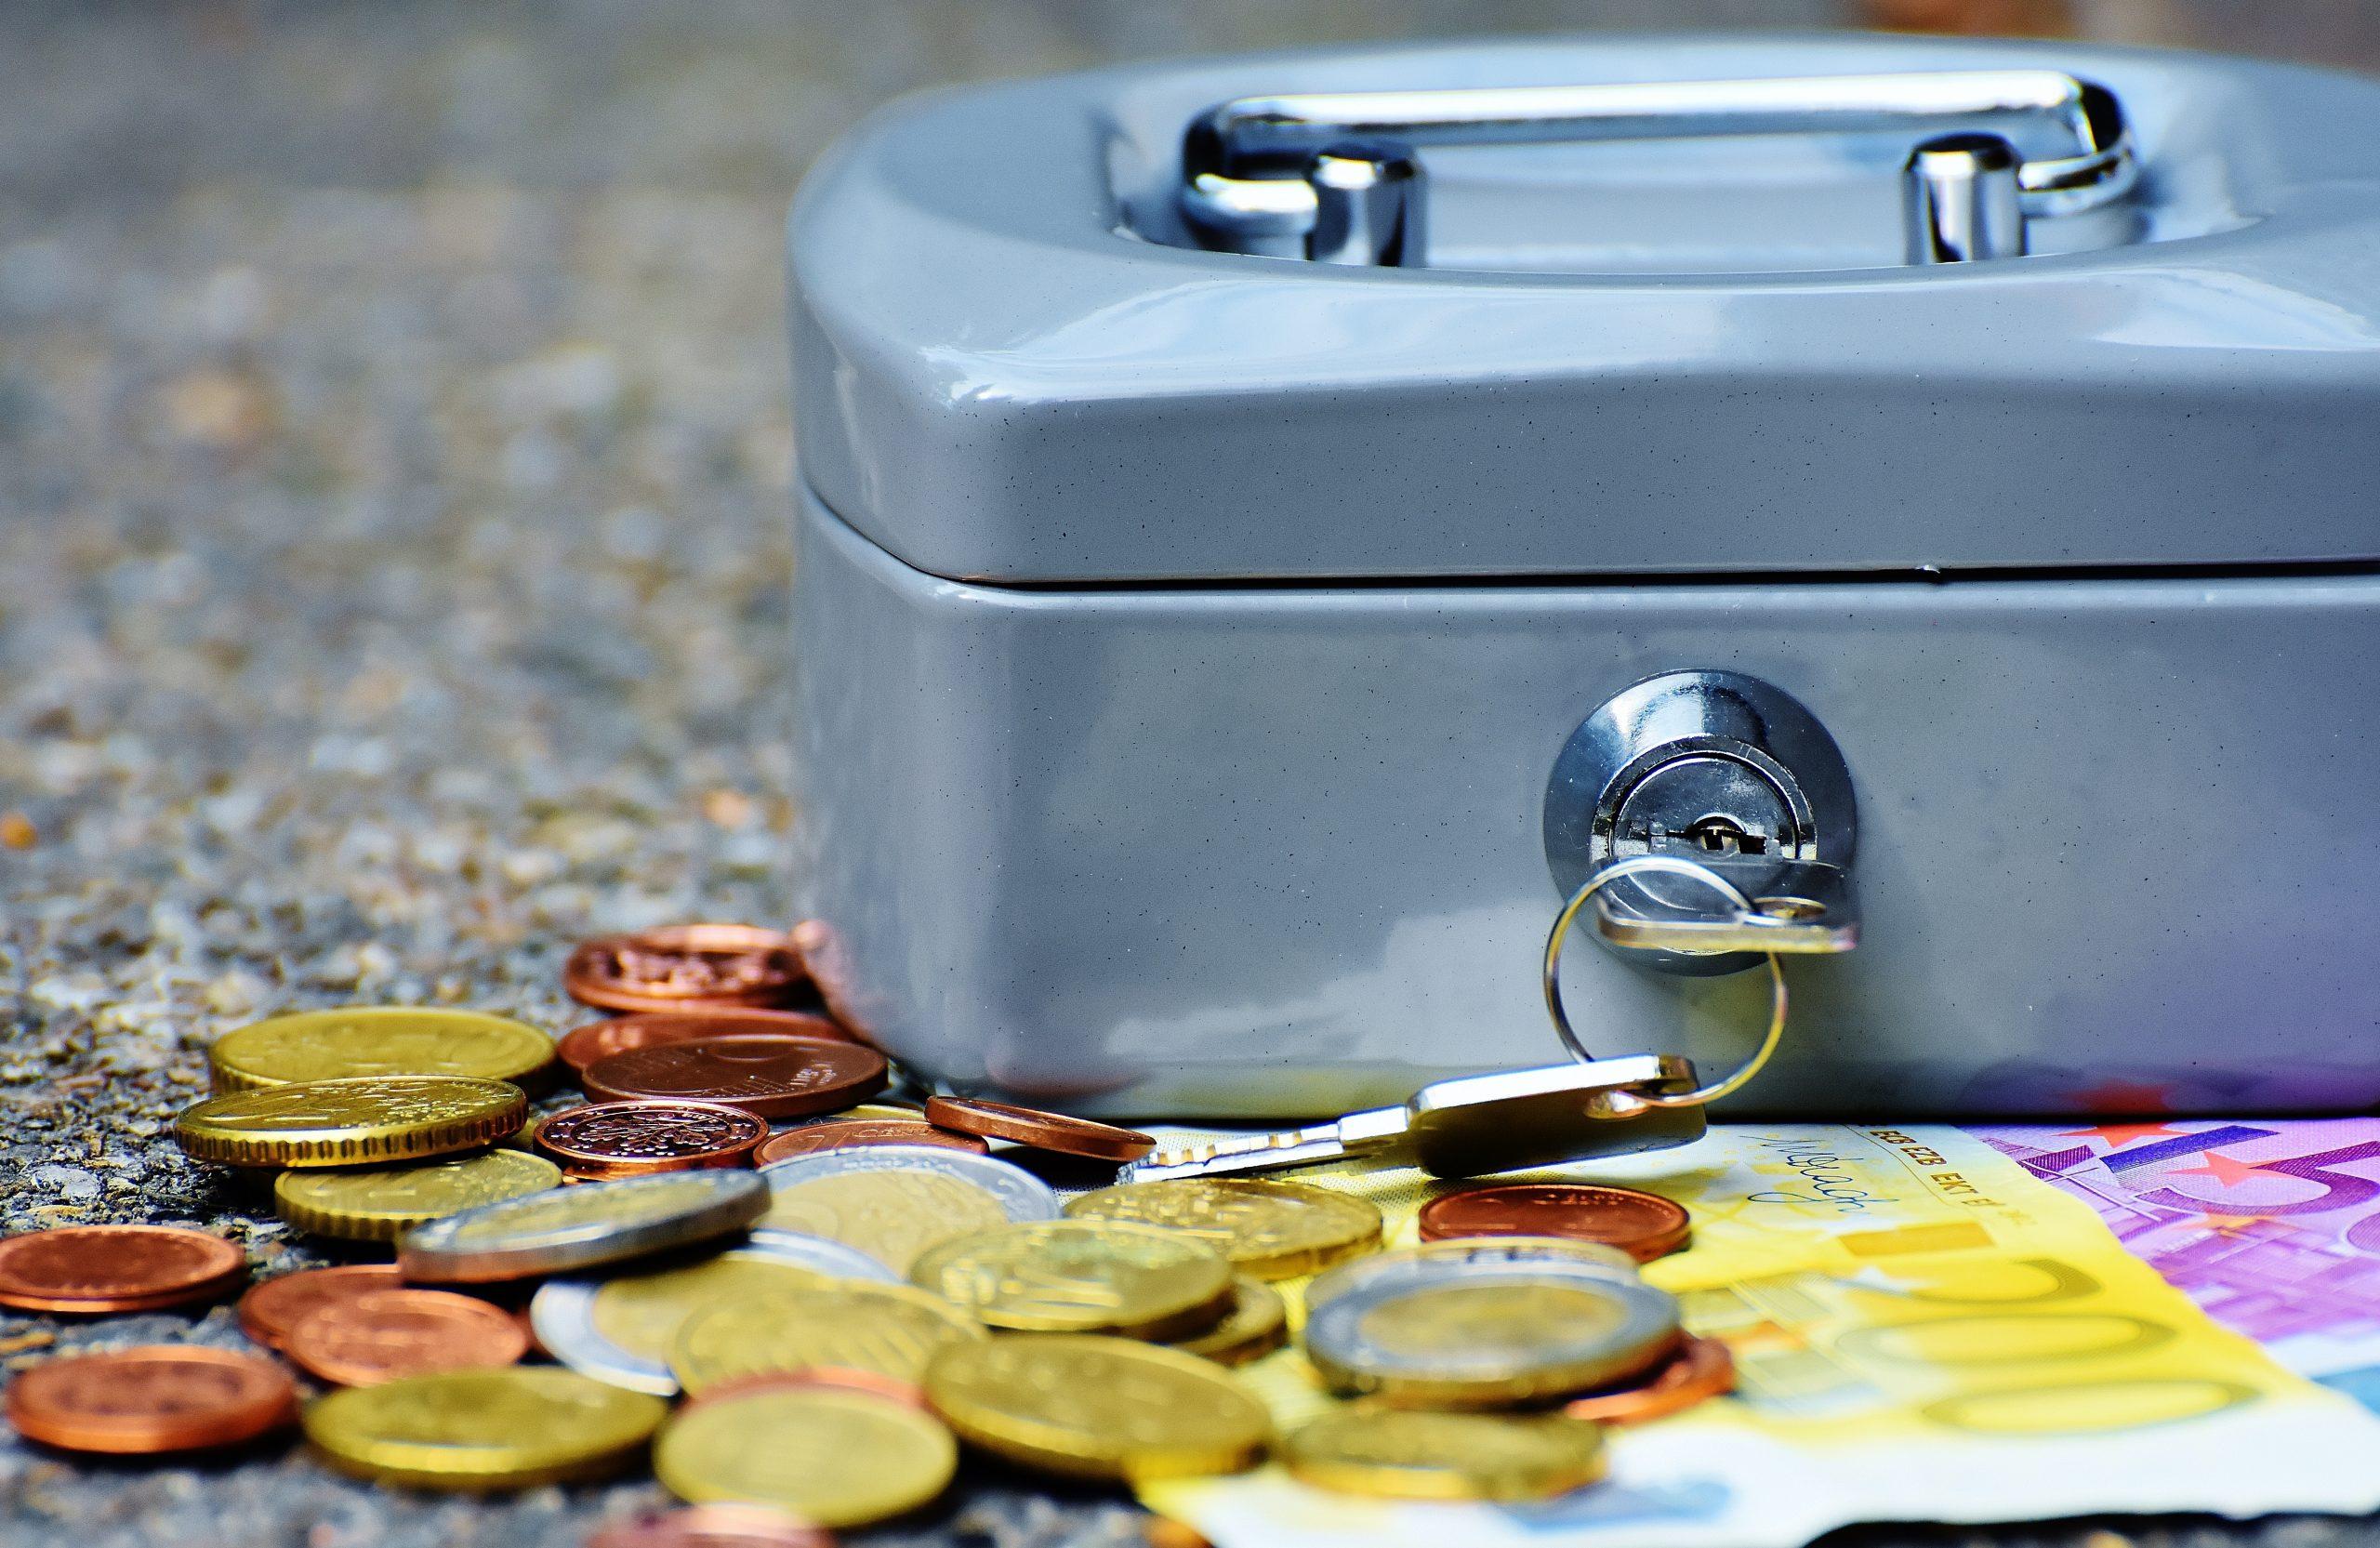 Imagem mostra um porta-valor fechado, com uma chave na fechadura. O cofre repousa sob uma superfície áspera e sob notas e moedas espalhadas.